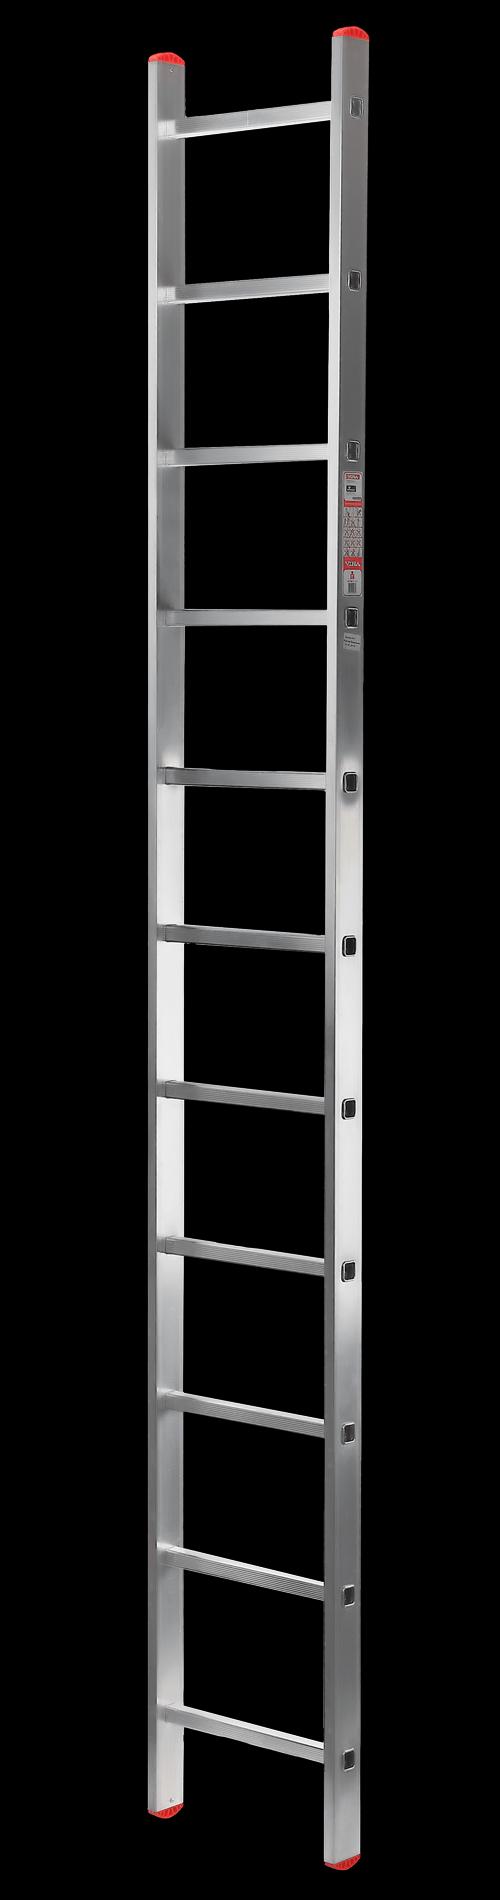 лестница односеционная алюминиевая, 11 перекладин